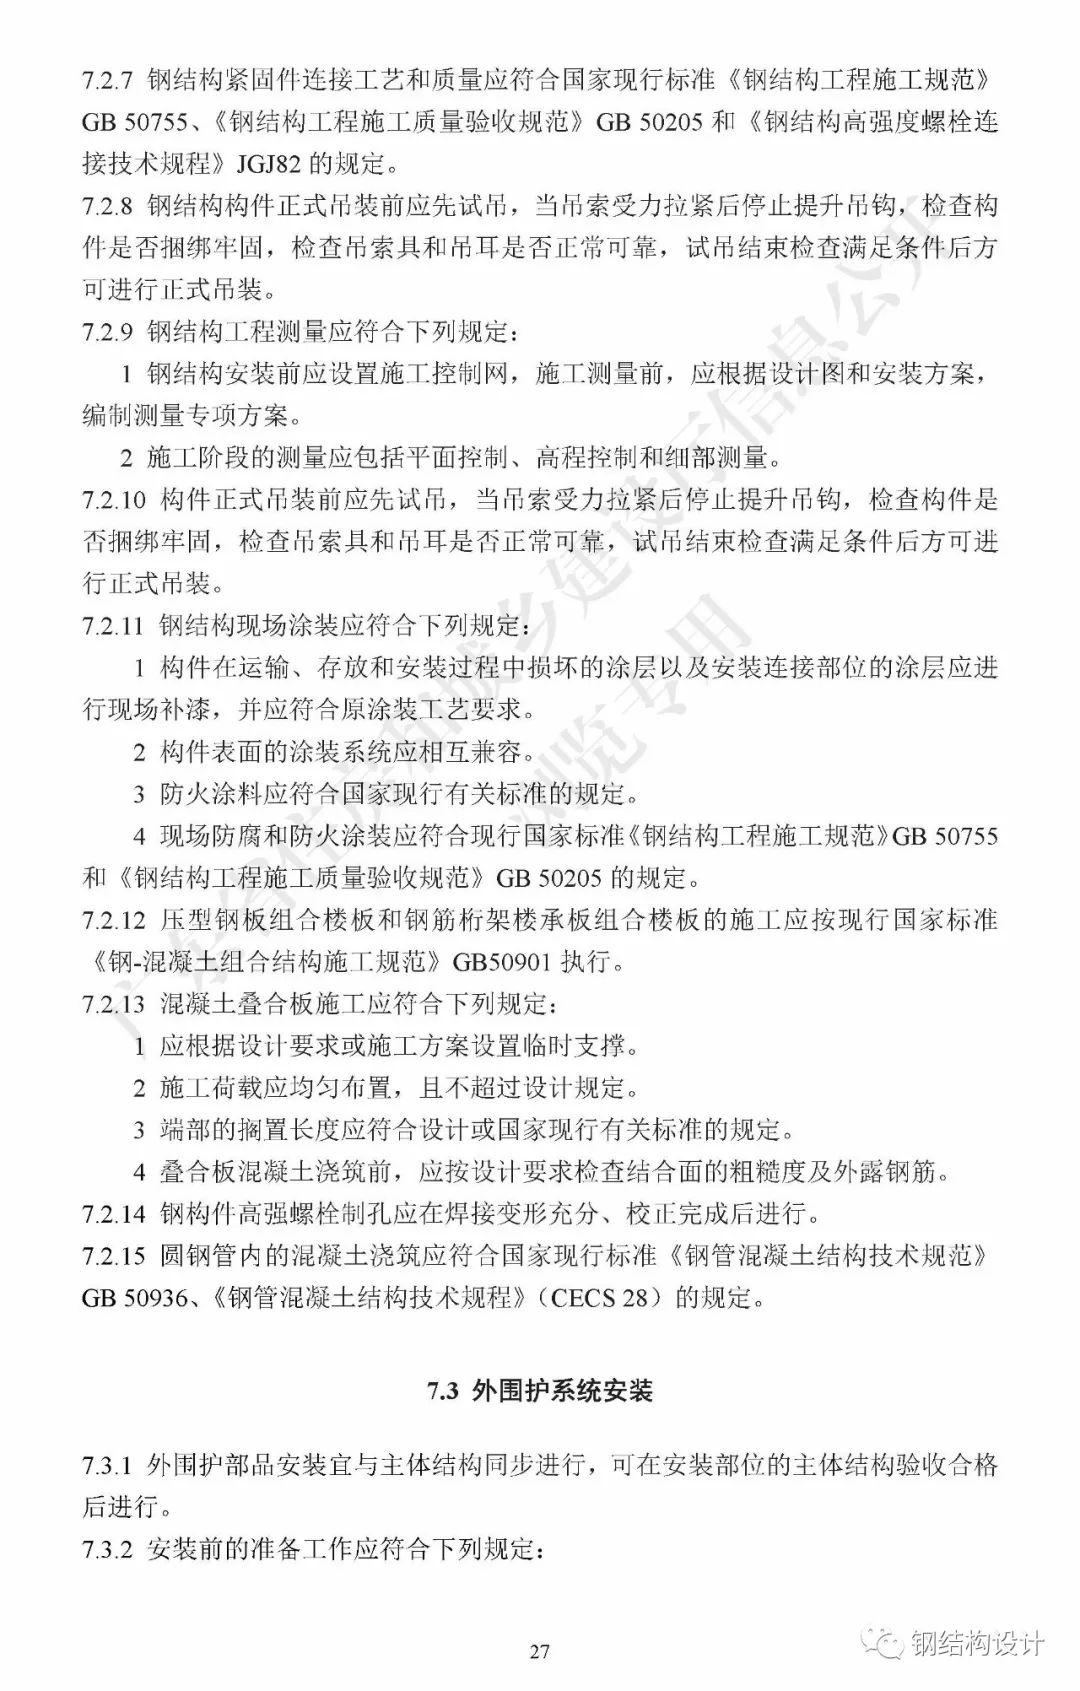 广东省《装配式钢结构建筑技术规程》发布_37